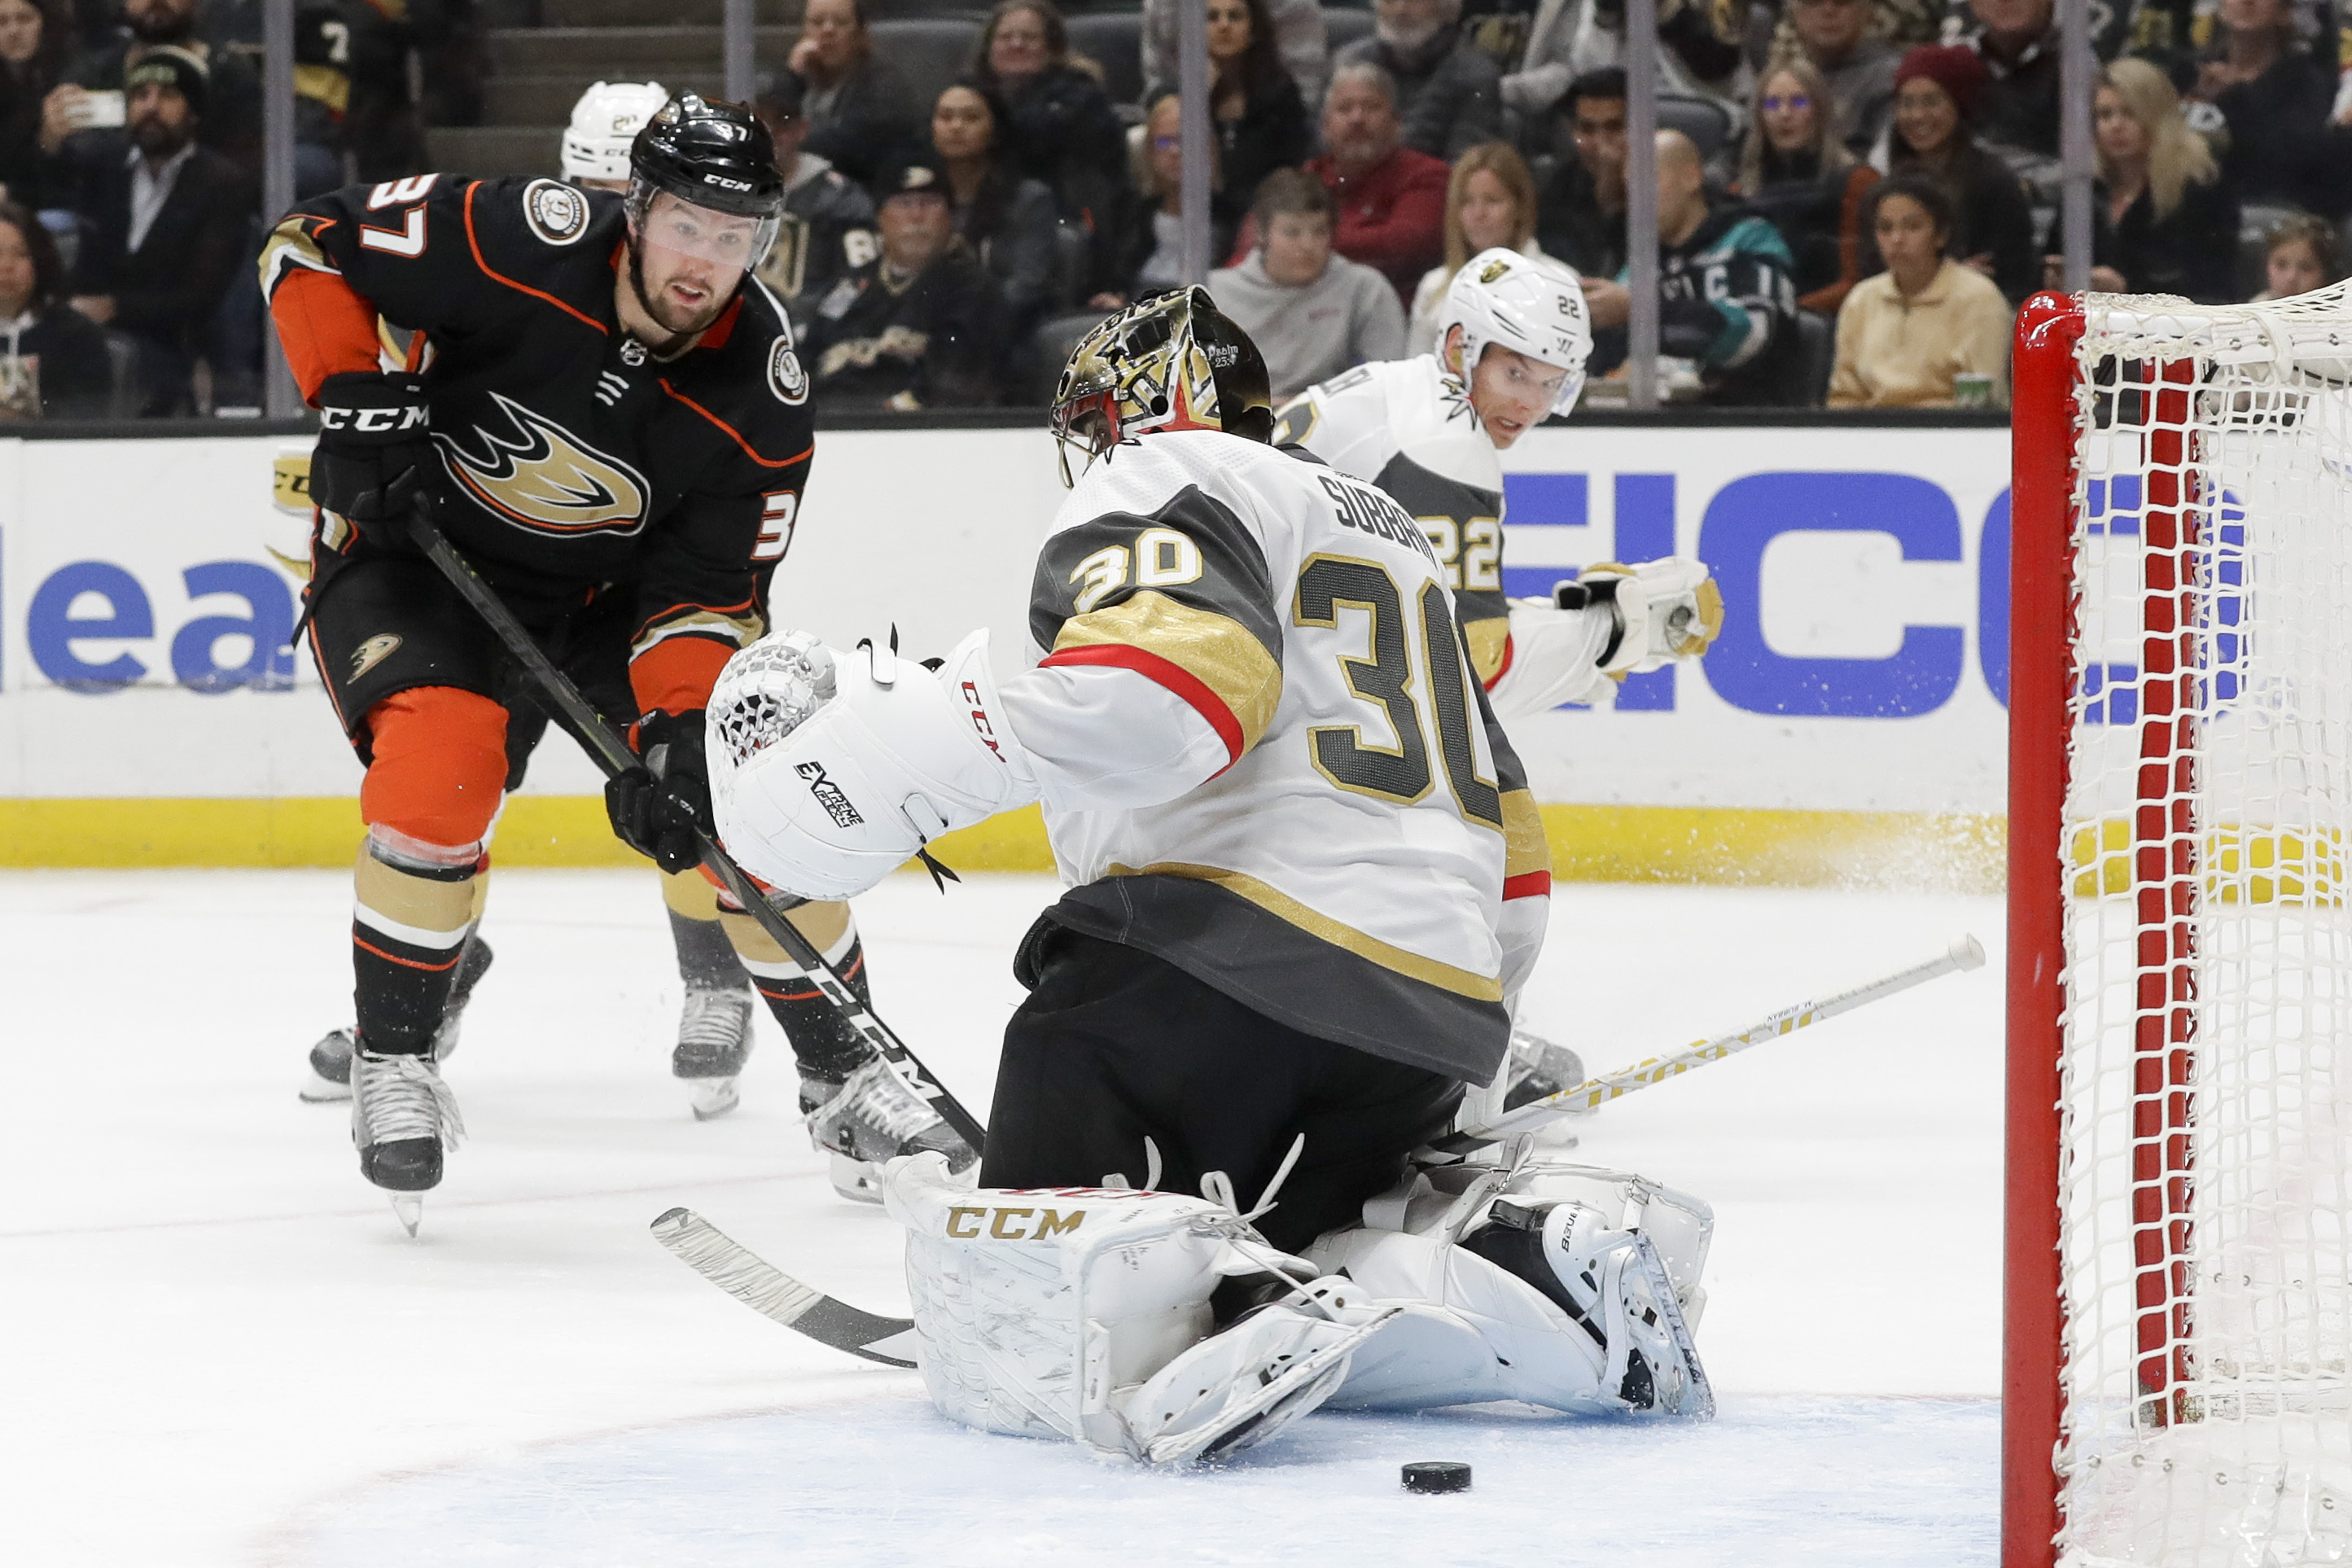 Karlsson's hat trick, Theodore's OT goal lift Knights in OT